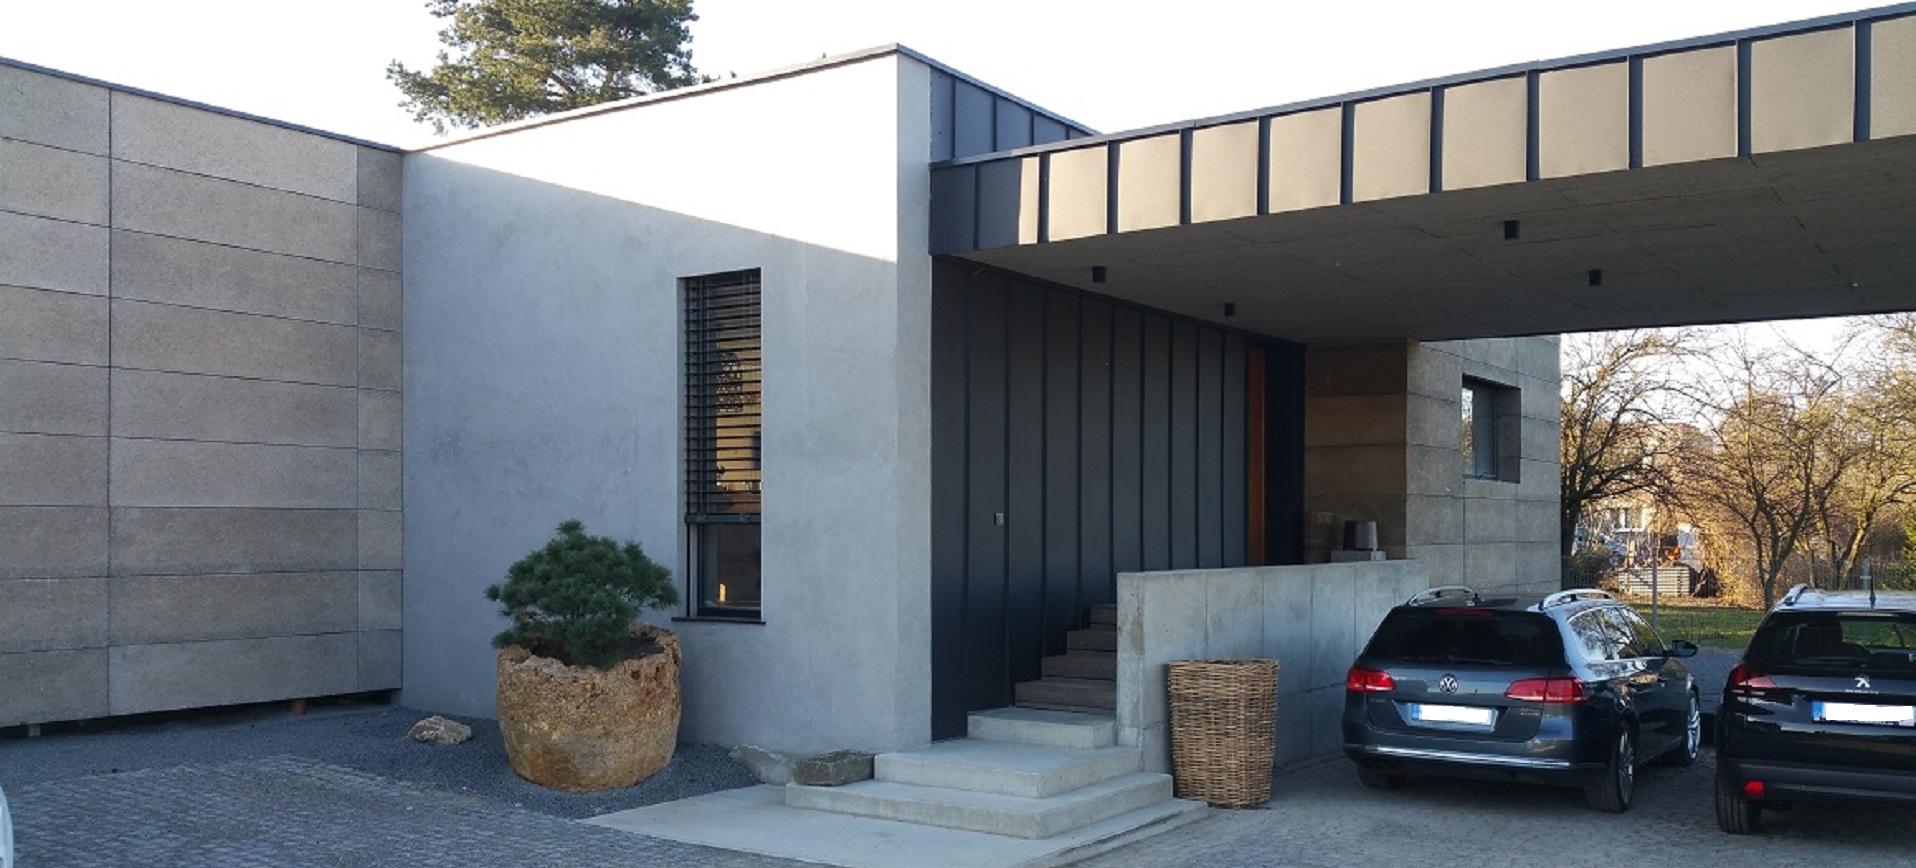 Rodinný dům z lehké tenkostěnné ocelové konstrukce